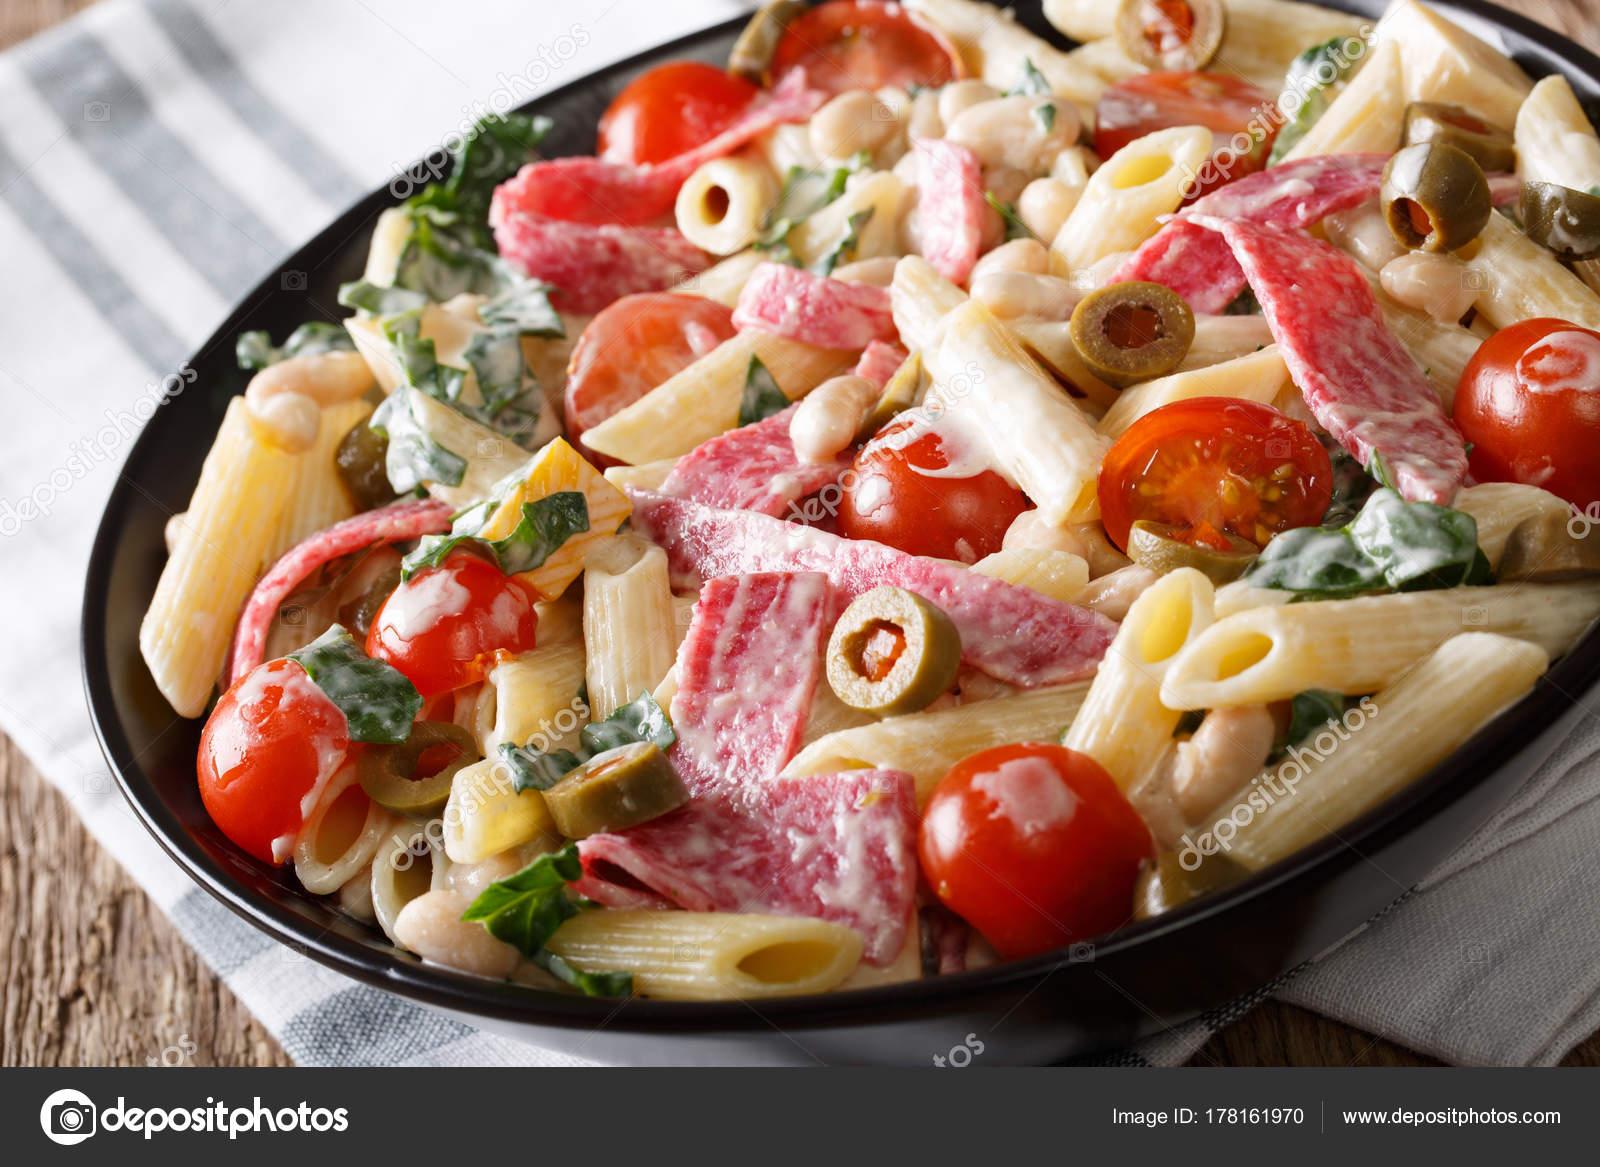 Kuchnia Włoska Makaron Penne Z Salami Ser I Warzywa Cl